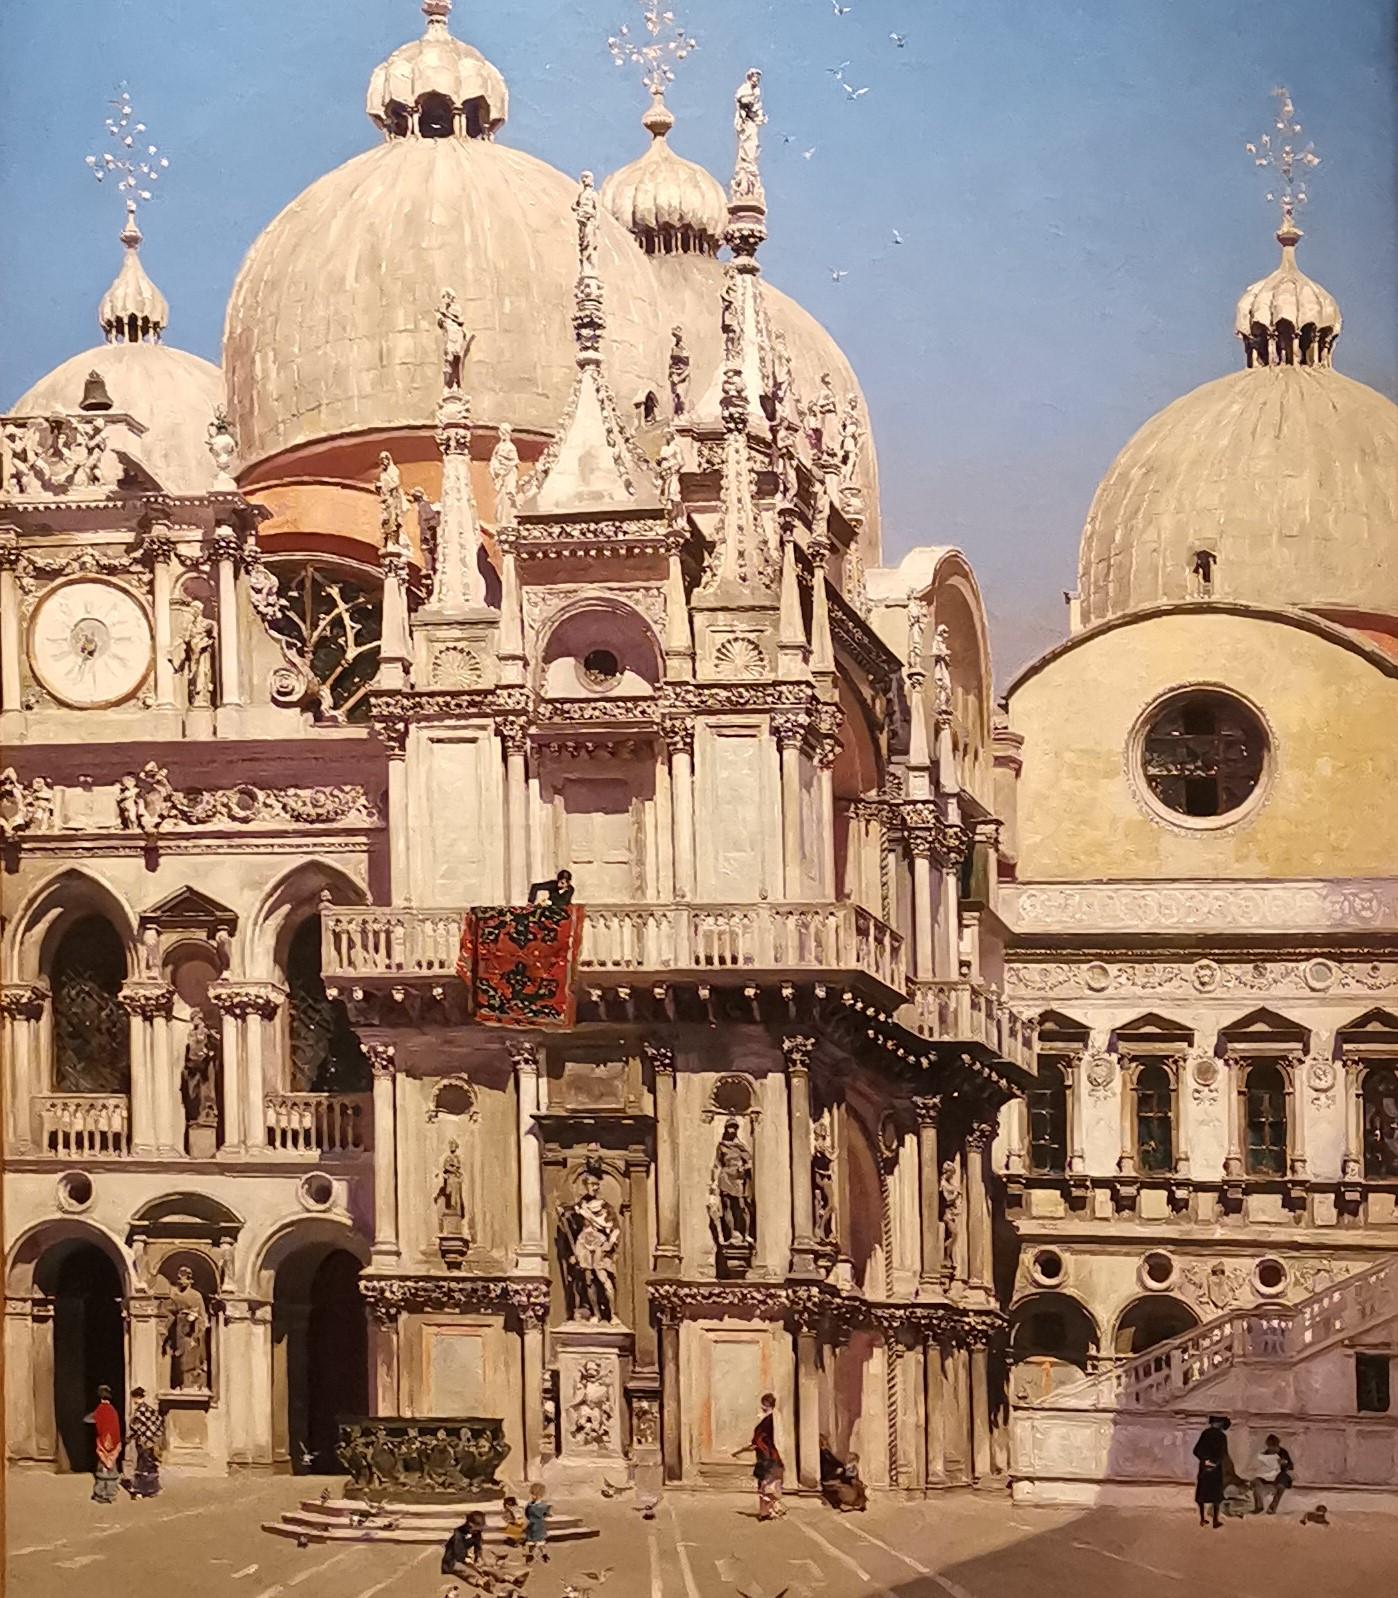 Palacio Ducal de Venecia una obra impresionante